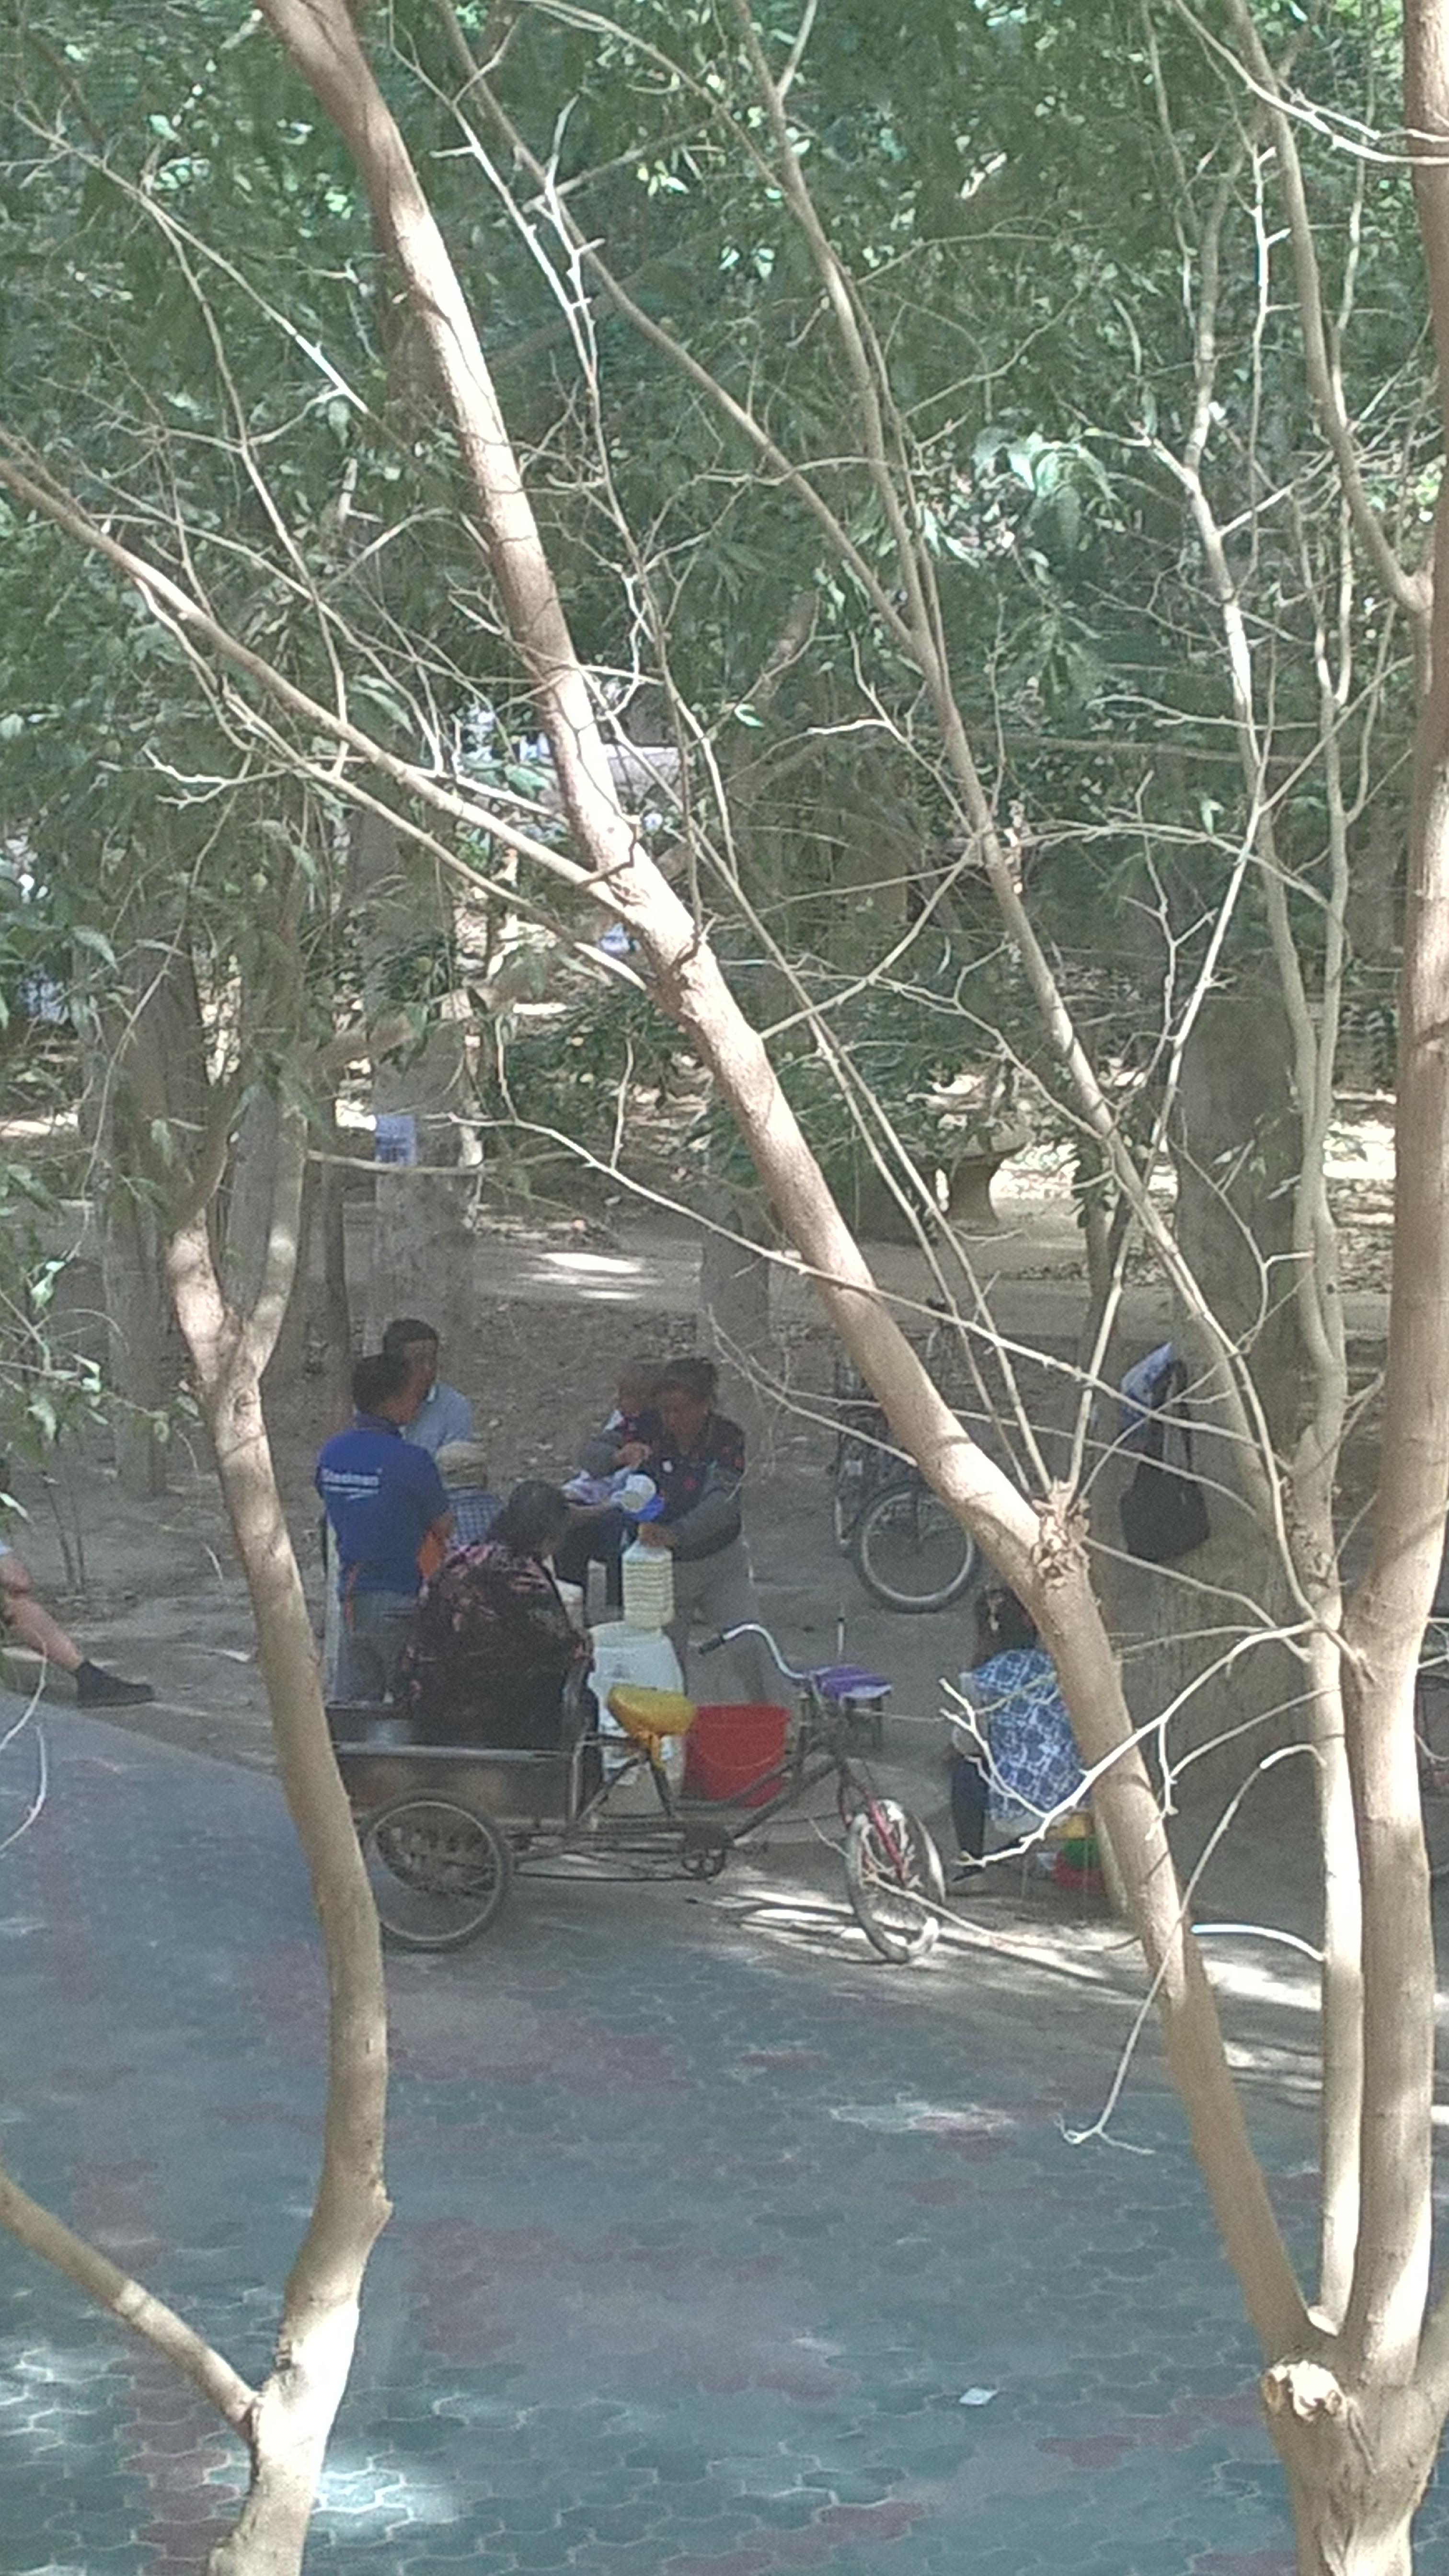 Házitejet mindenfelé kapni. Az ala'eri egyetem kampuszán, a házunk mögött is minden nap kinn egy hölgy.